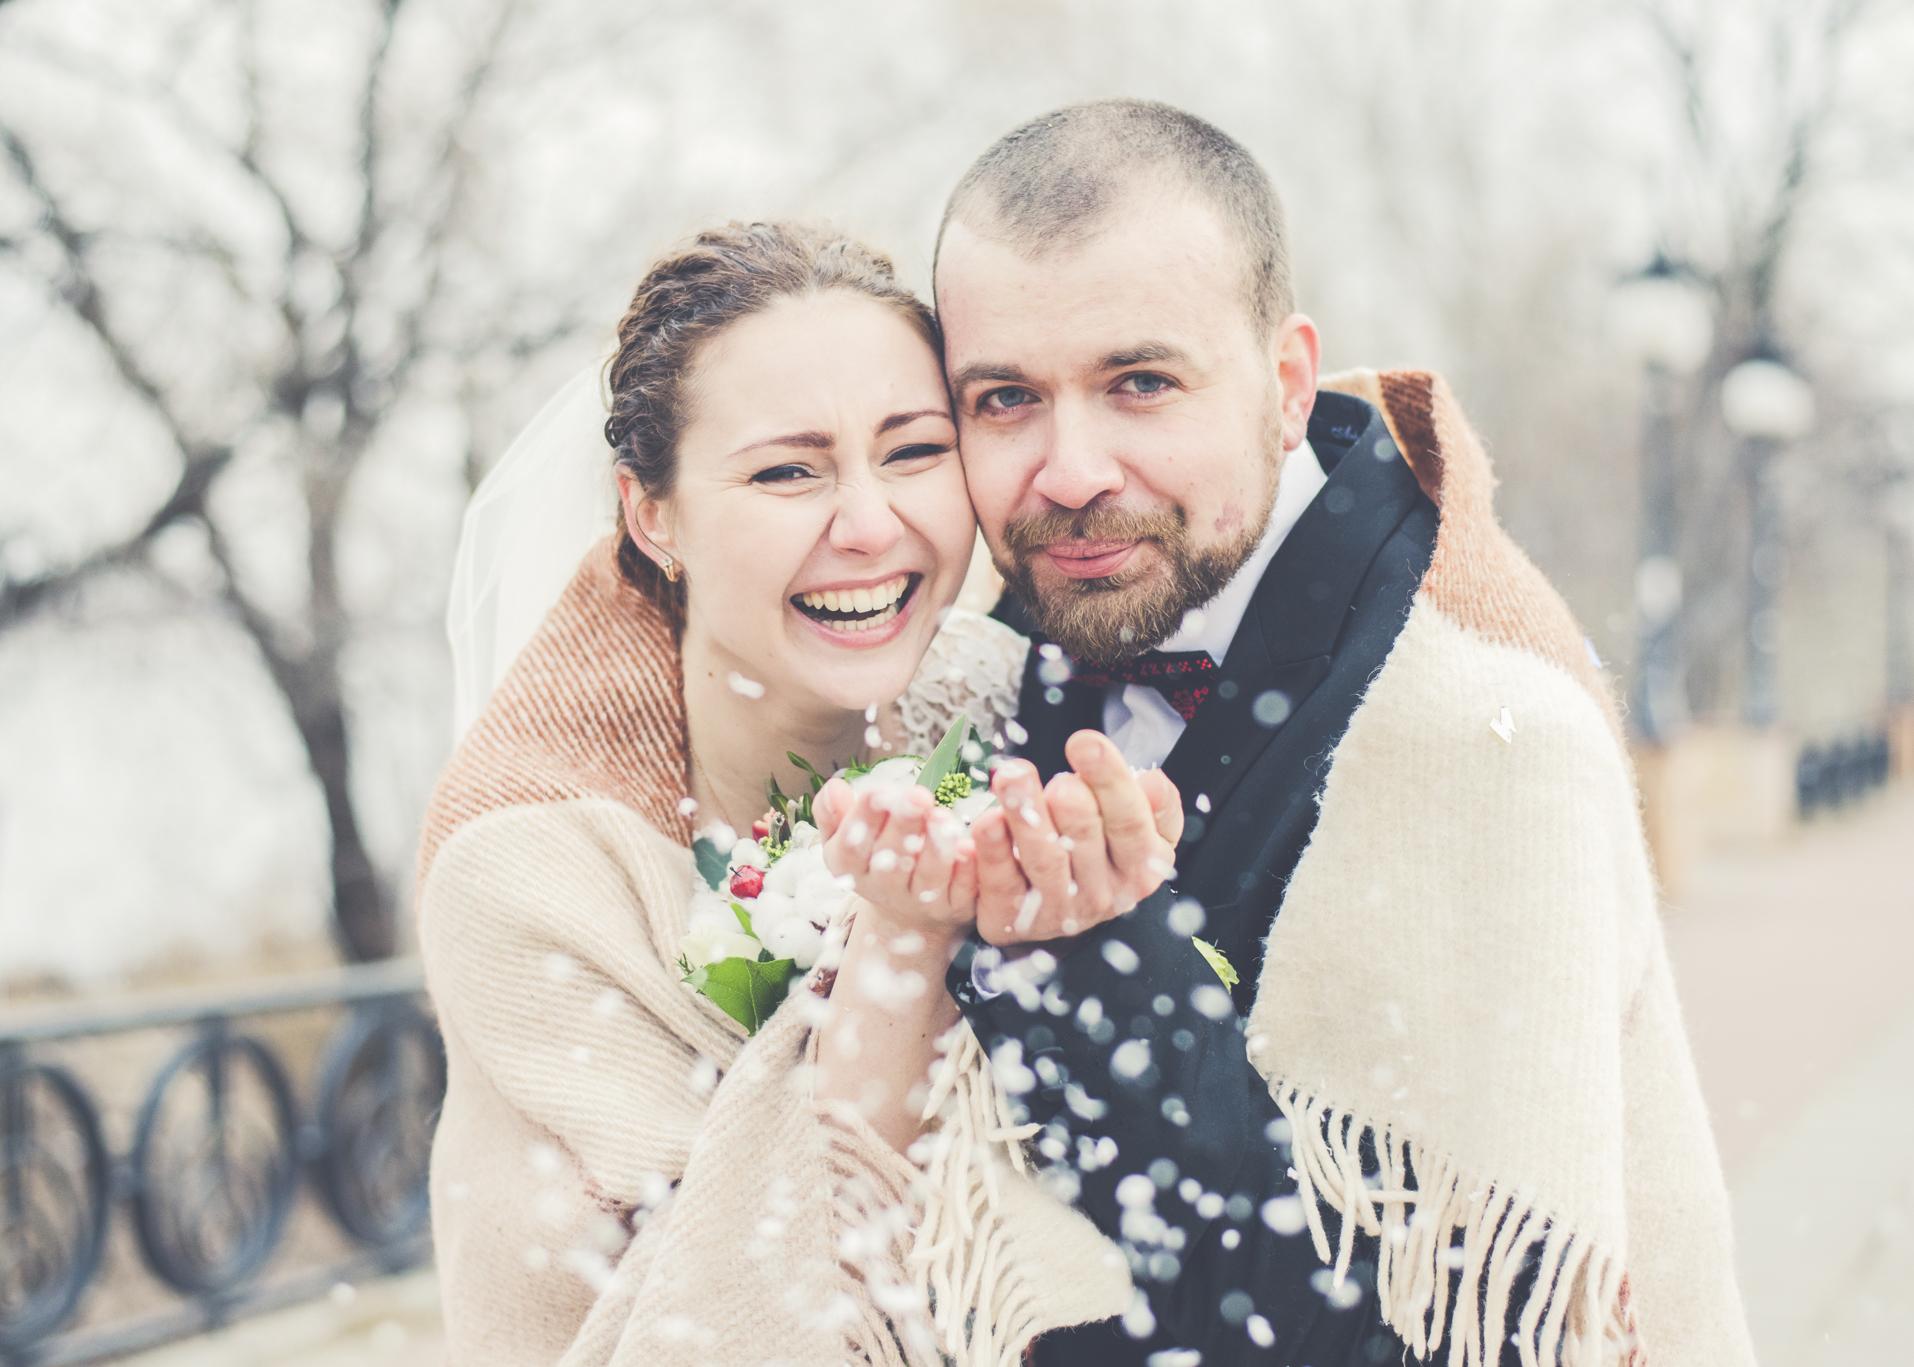 Профессиональный свадебный фотограф Услуги